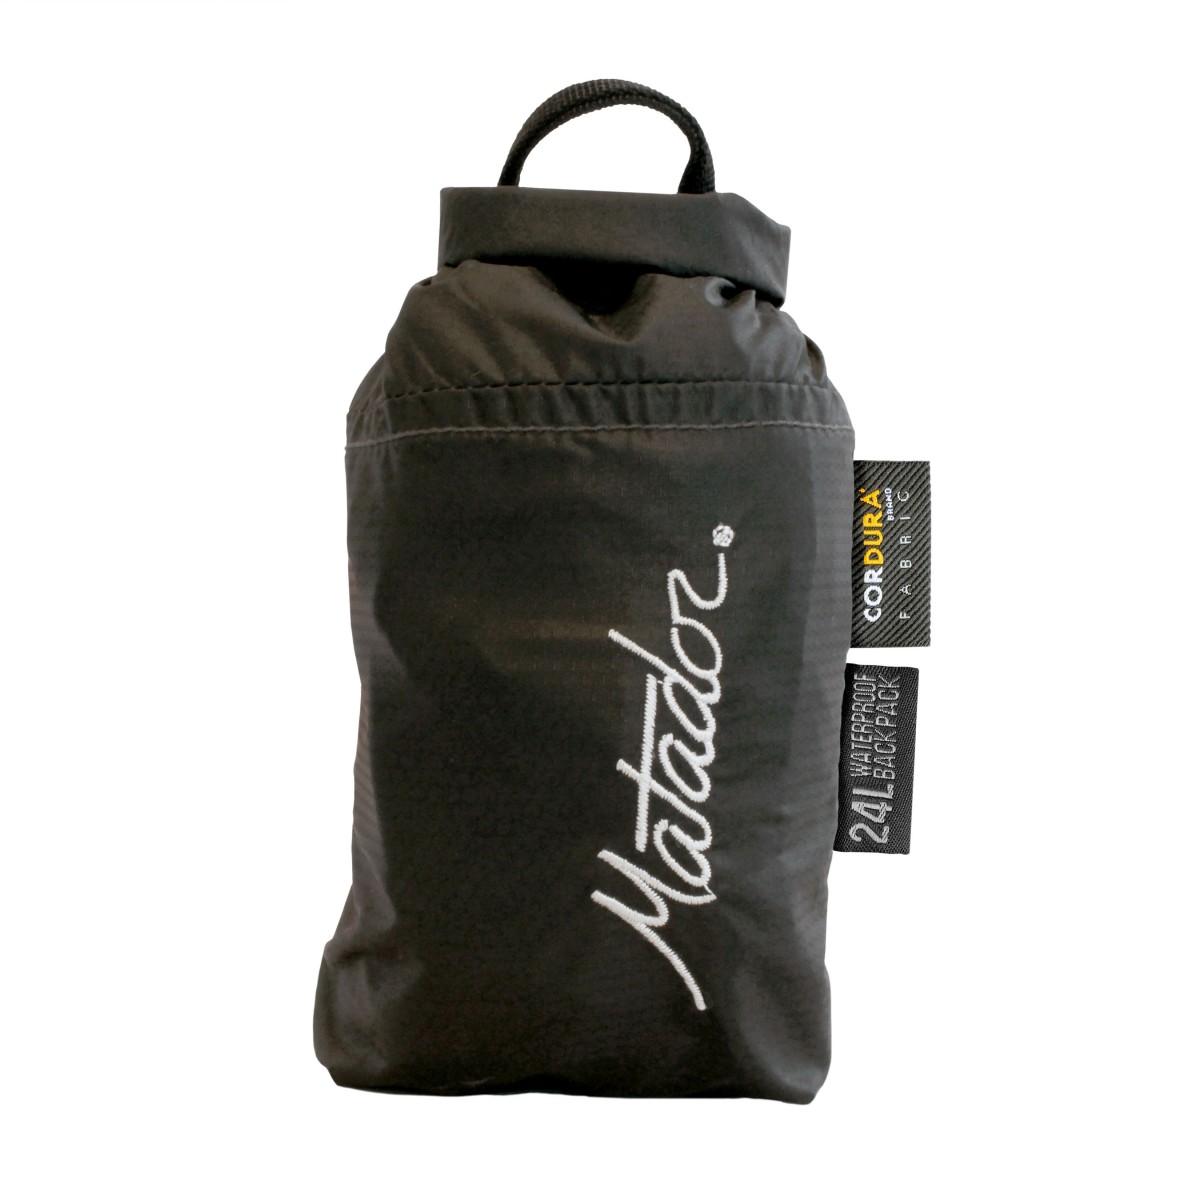 ... Matador Freerain24 2.0 Backpack Charcoal ... c695ae608cc0d